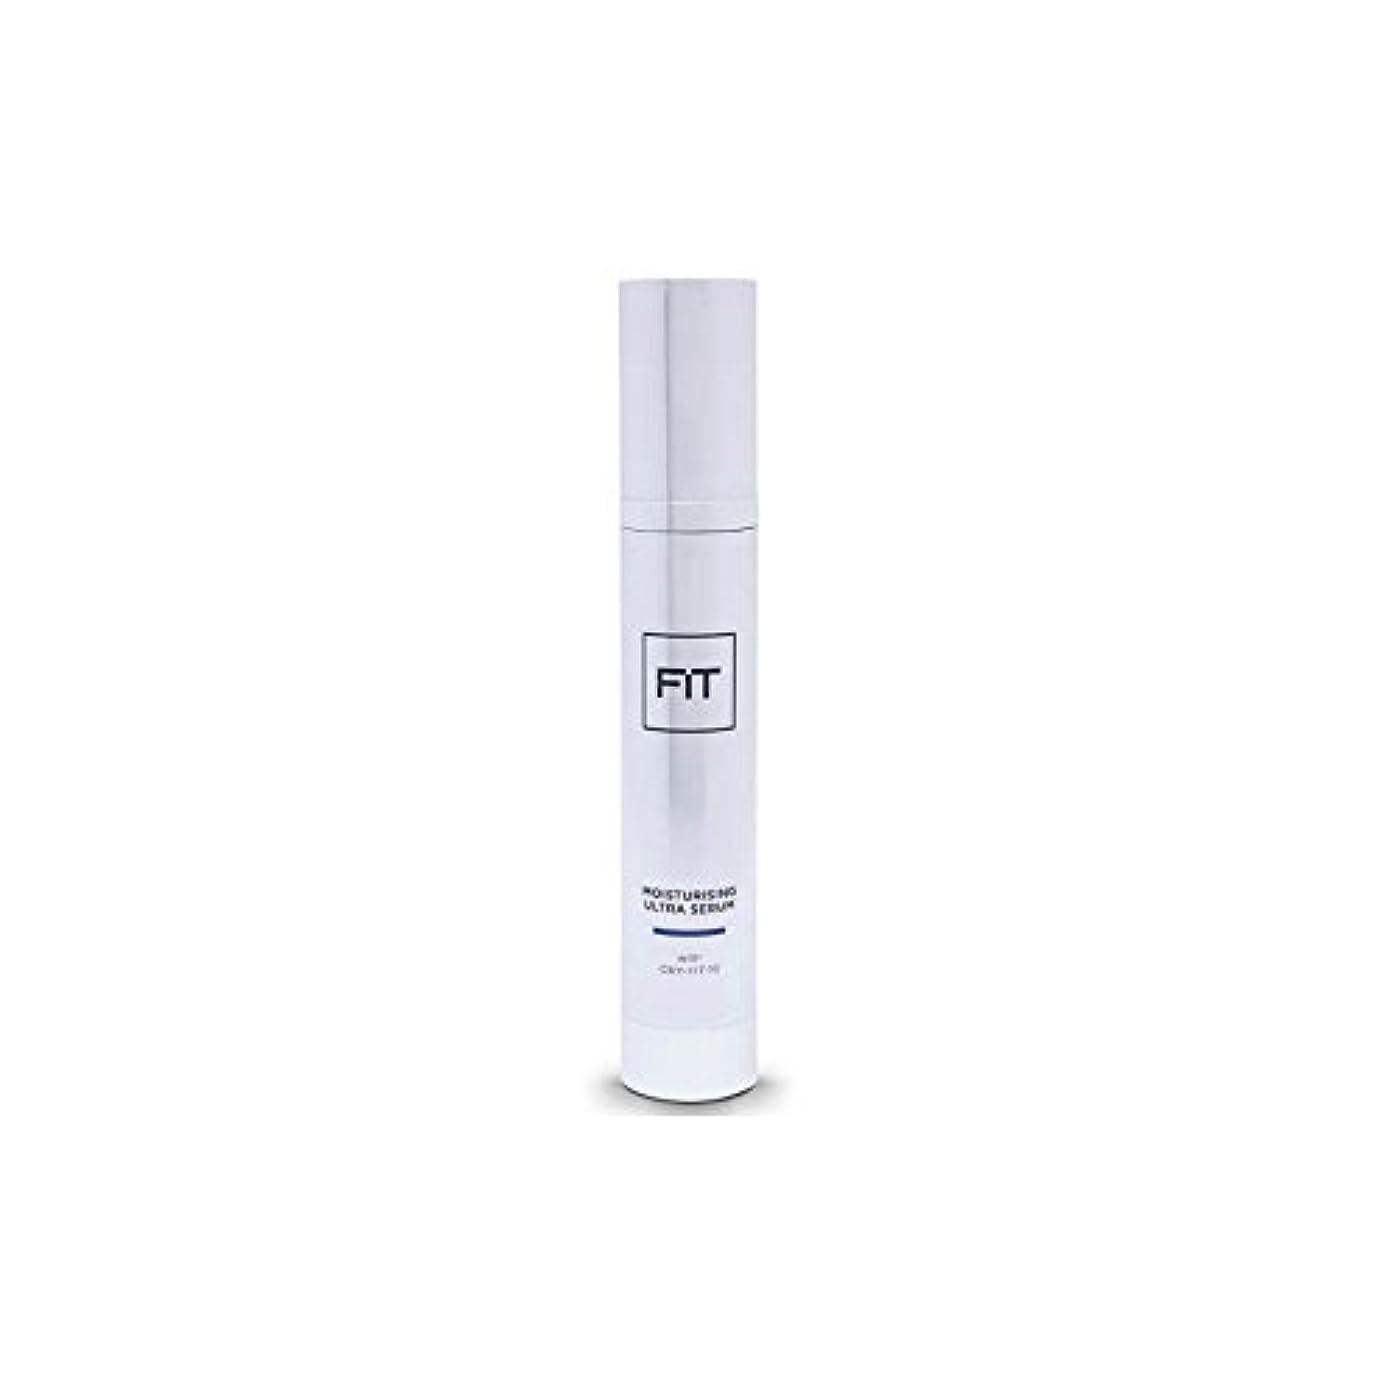 柔らかい自我伝統的保湿超セラム30をフィット x4 - Fit Moisturising Ultra Serum 30ml (Pack of 4) [並行輸入品]